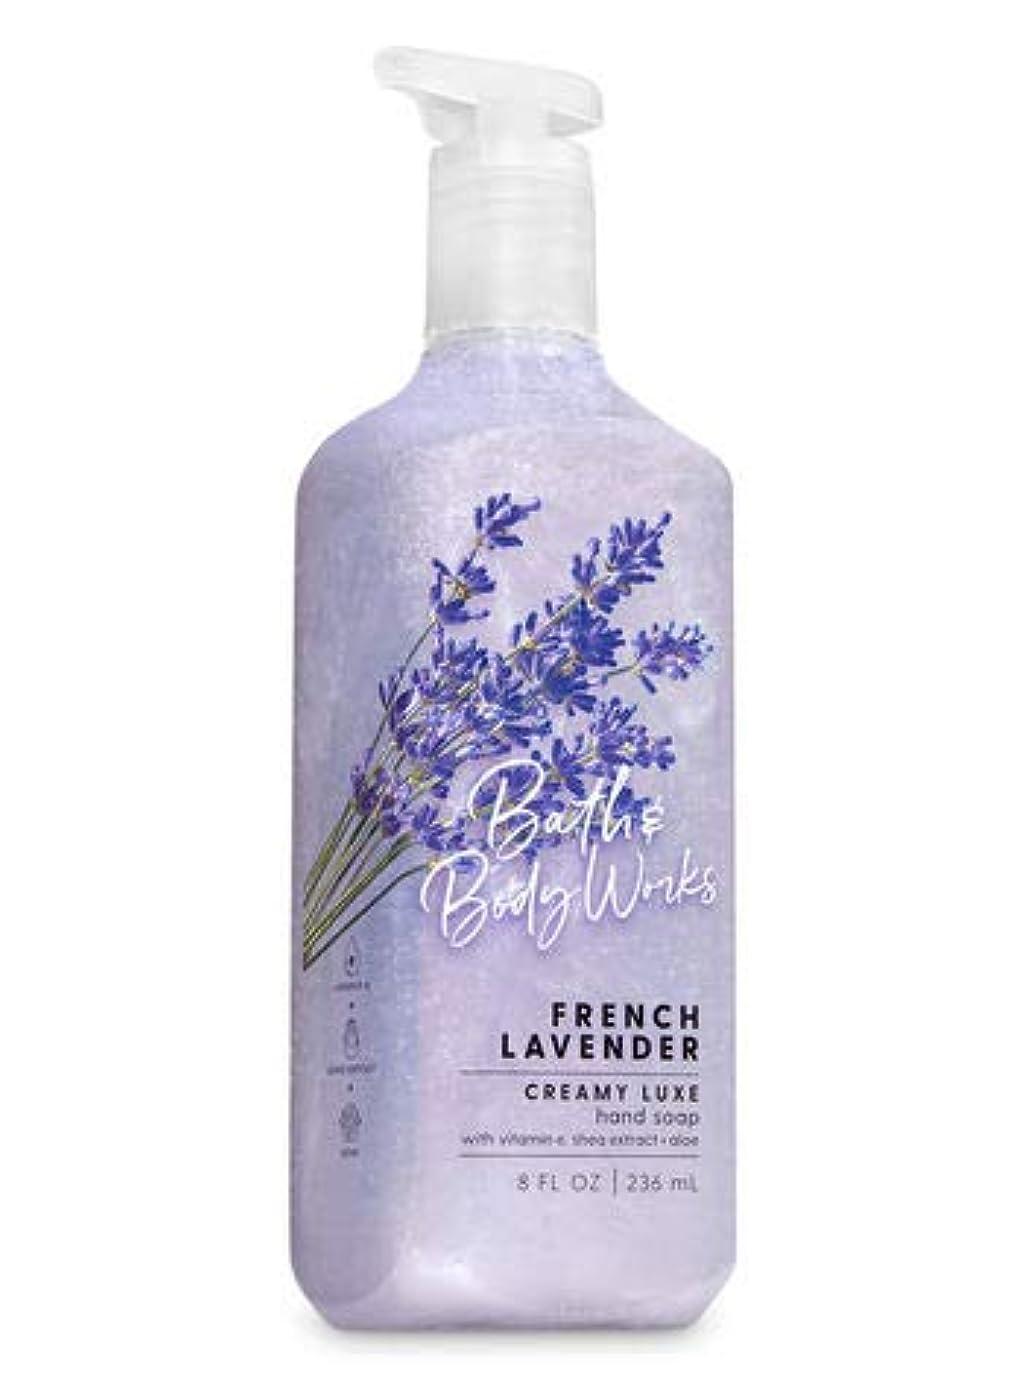 一過性古いムスバス&ボディワークス フレンチラベンダー クリーミーハンドソープ French Lavender Creamy Luxe Hand Soap With Vitamine E Shea Extract + Aloe